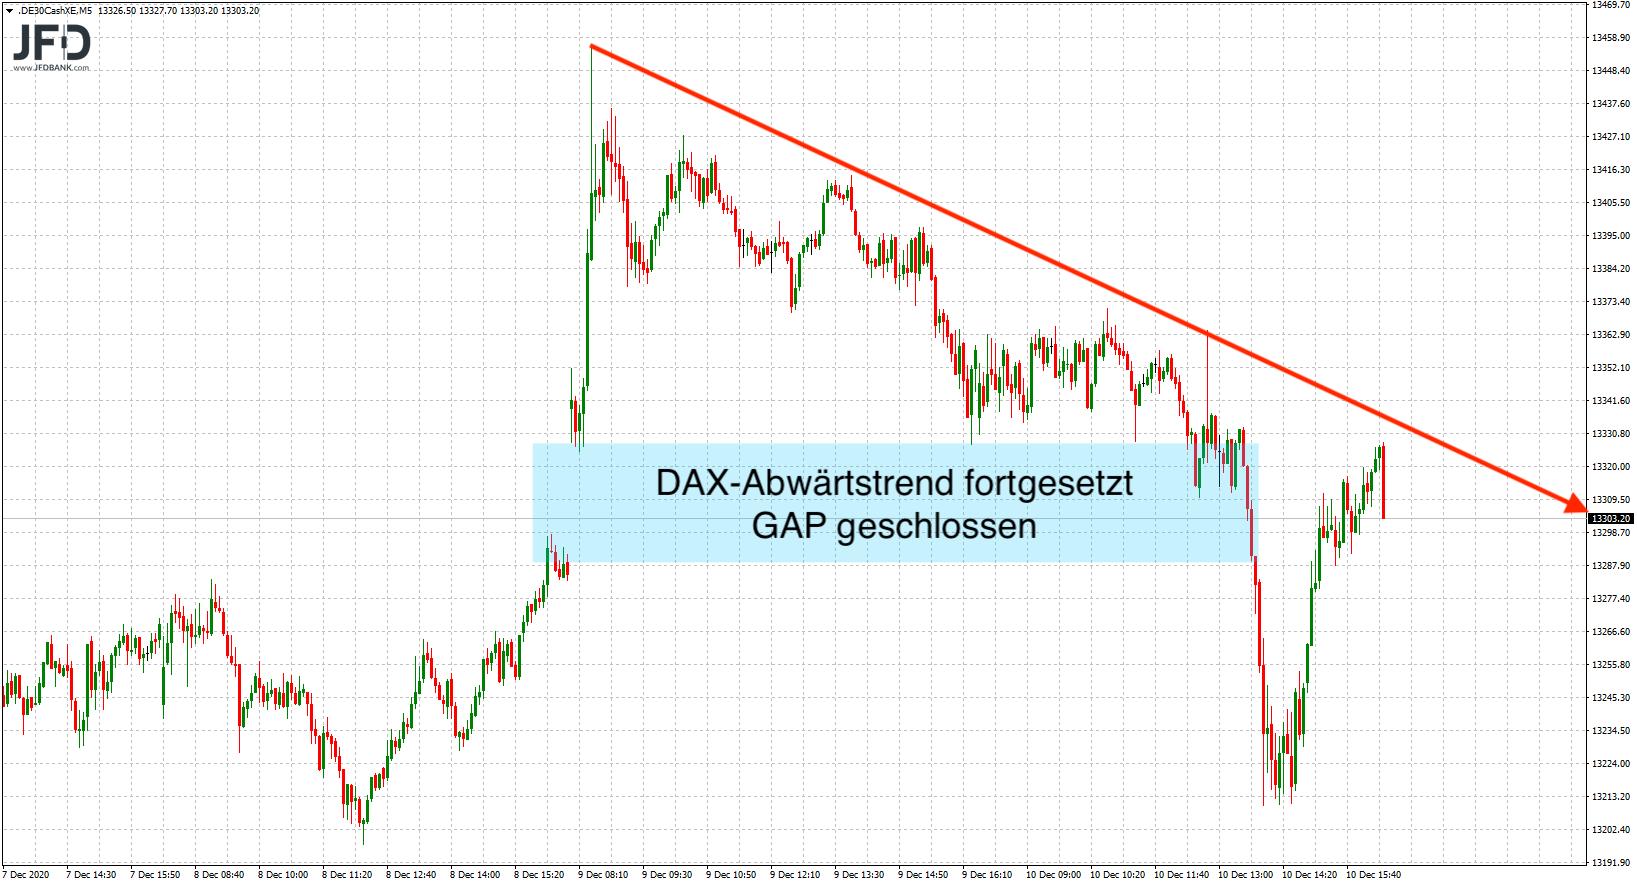 DAX-Ideen-nach-dem-EZB-Tag-Range-weiter-im-Fokus-Kommentar-JFD-Bank-GodmodeTrader.de-1